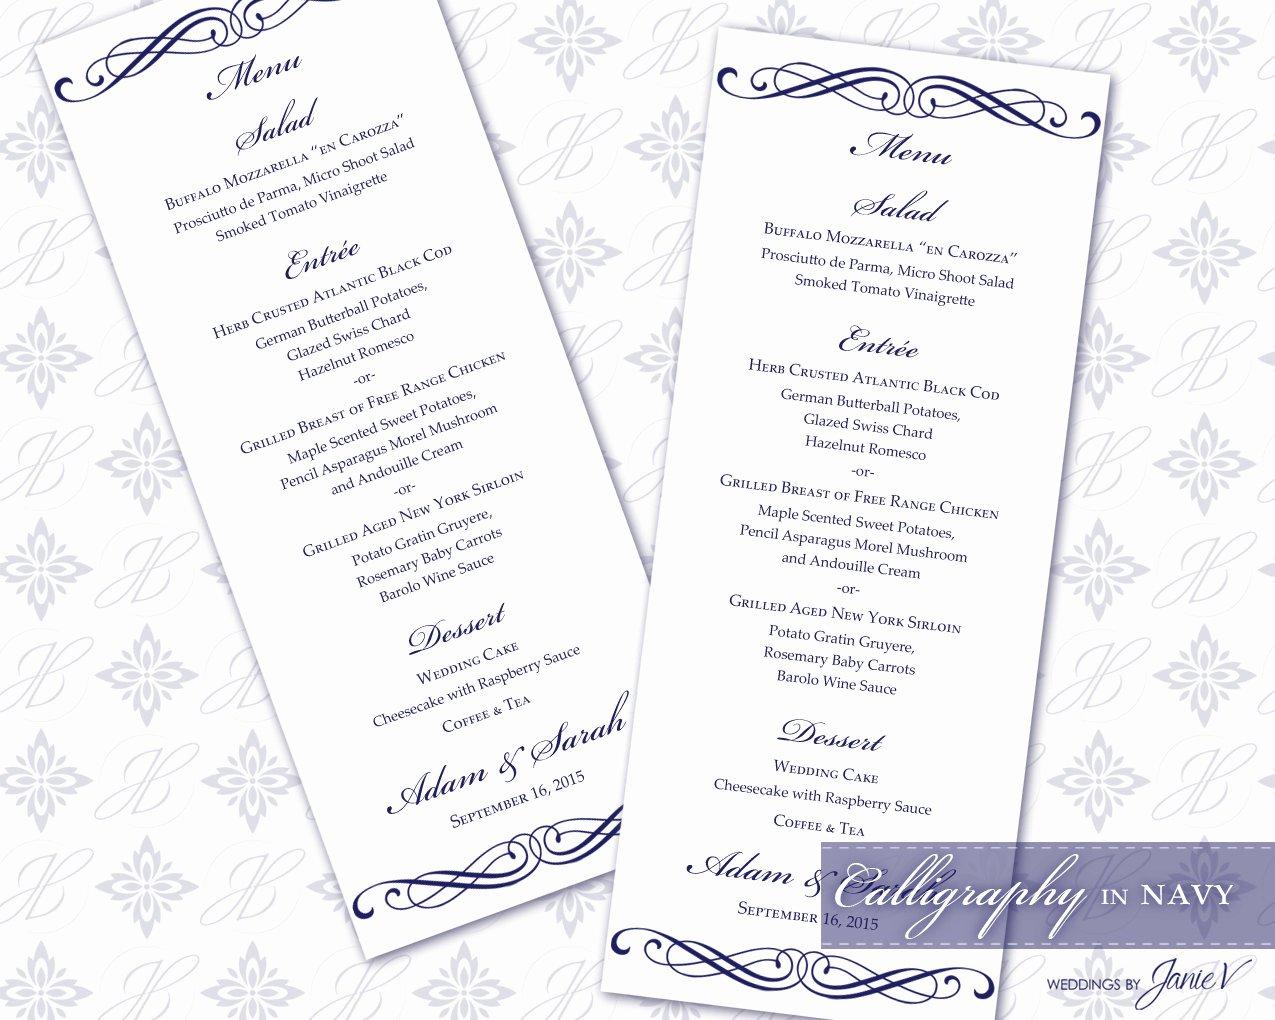 Diy Wedding Menu Template Inspirational Diy Printable Wedding Menu Template Printable Menu Tea